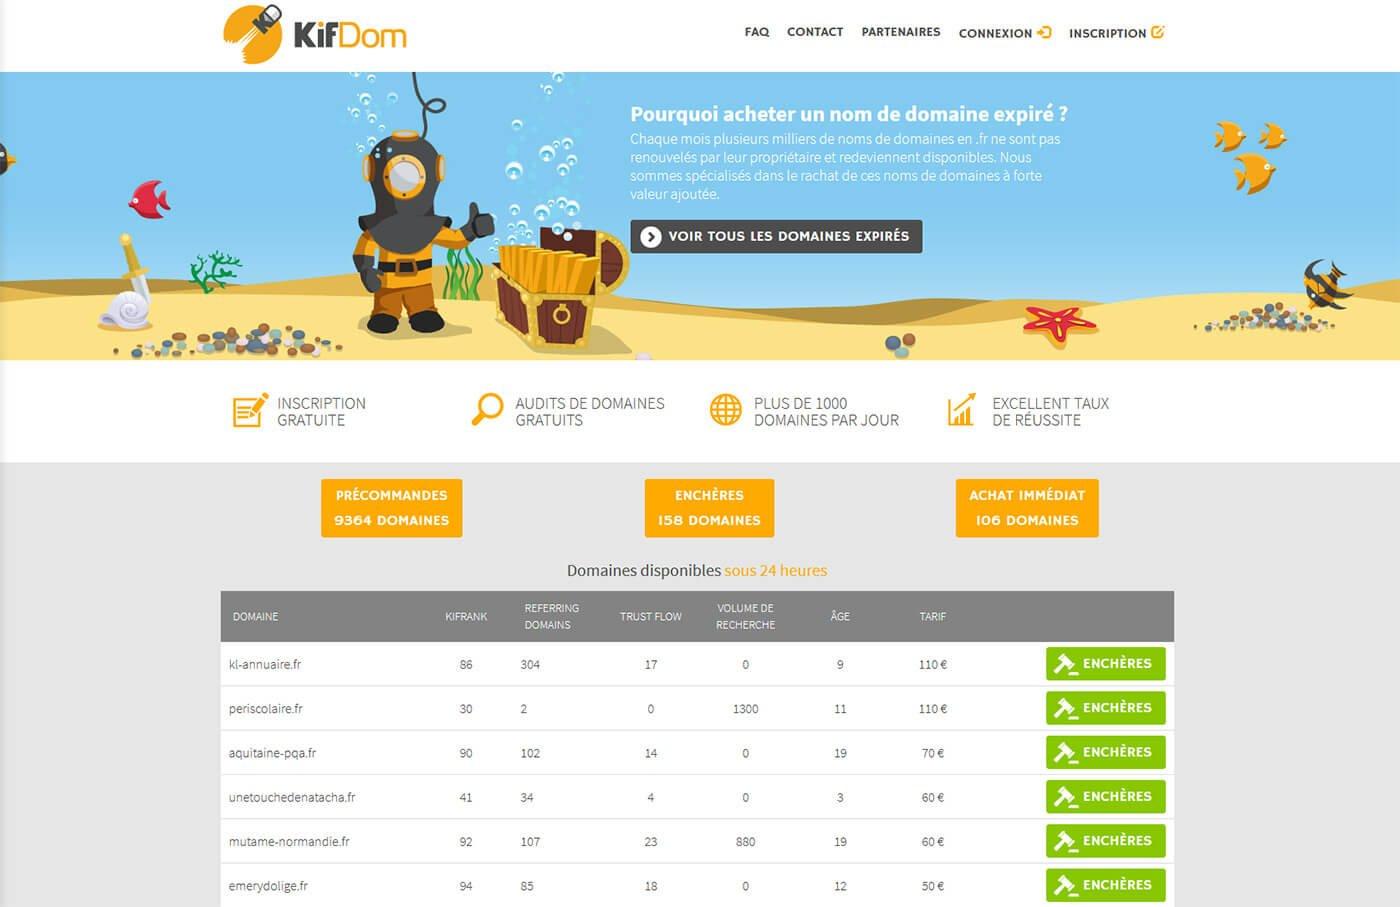 Achat enchère nom de domaine Kifdom